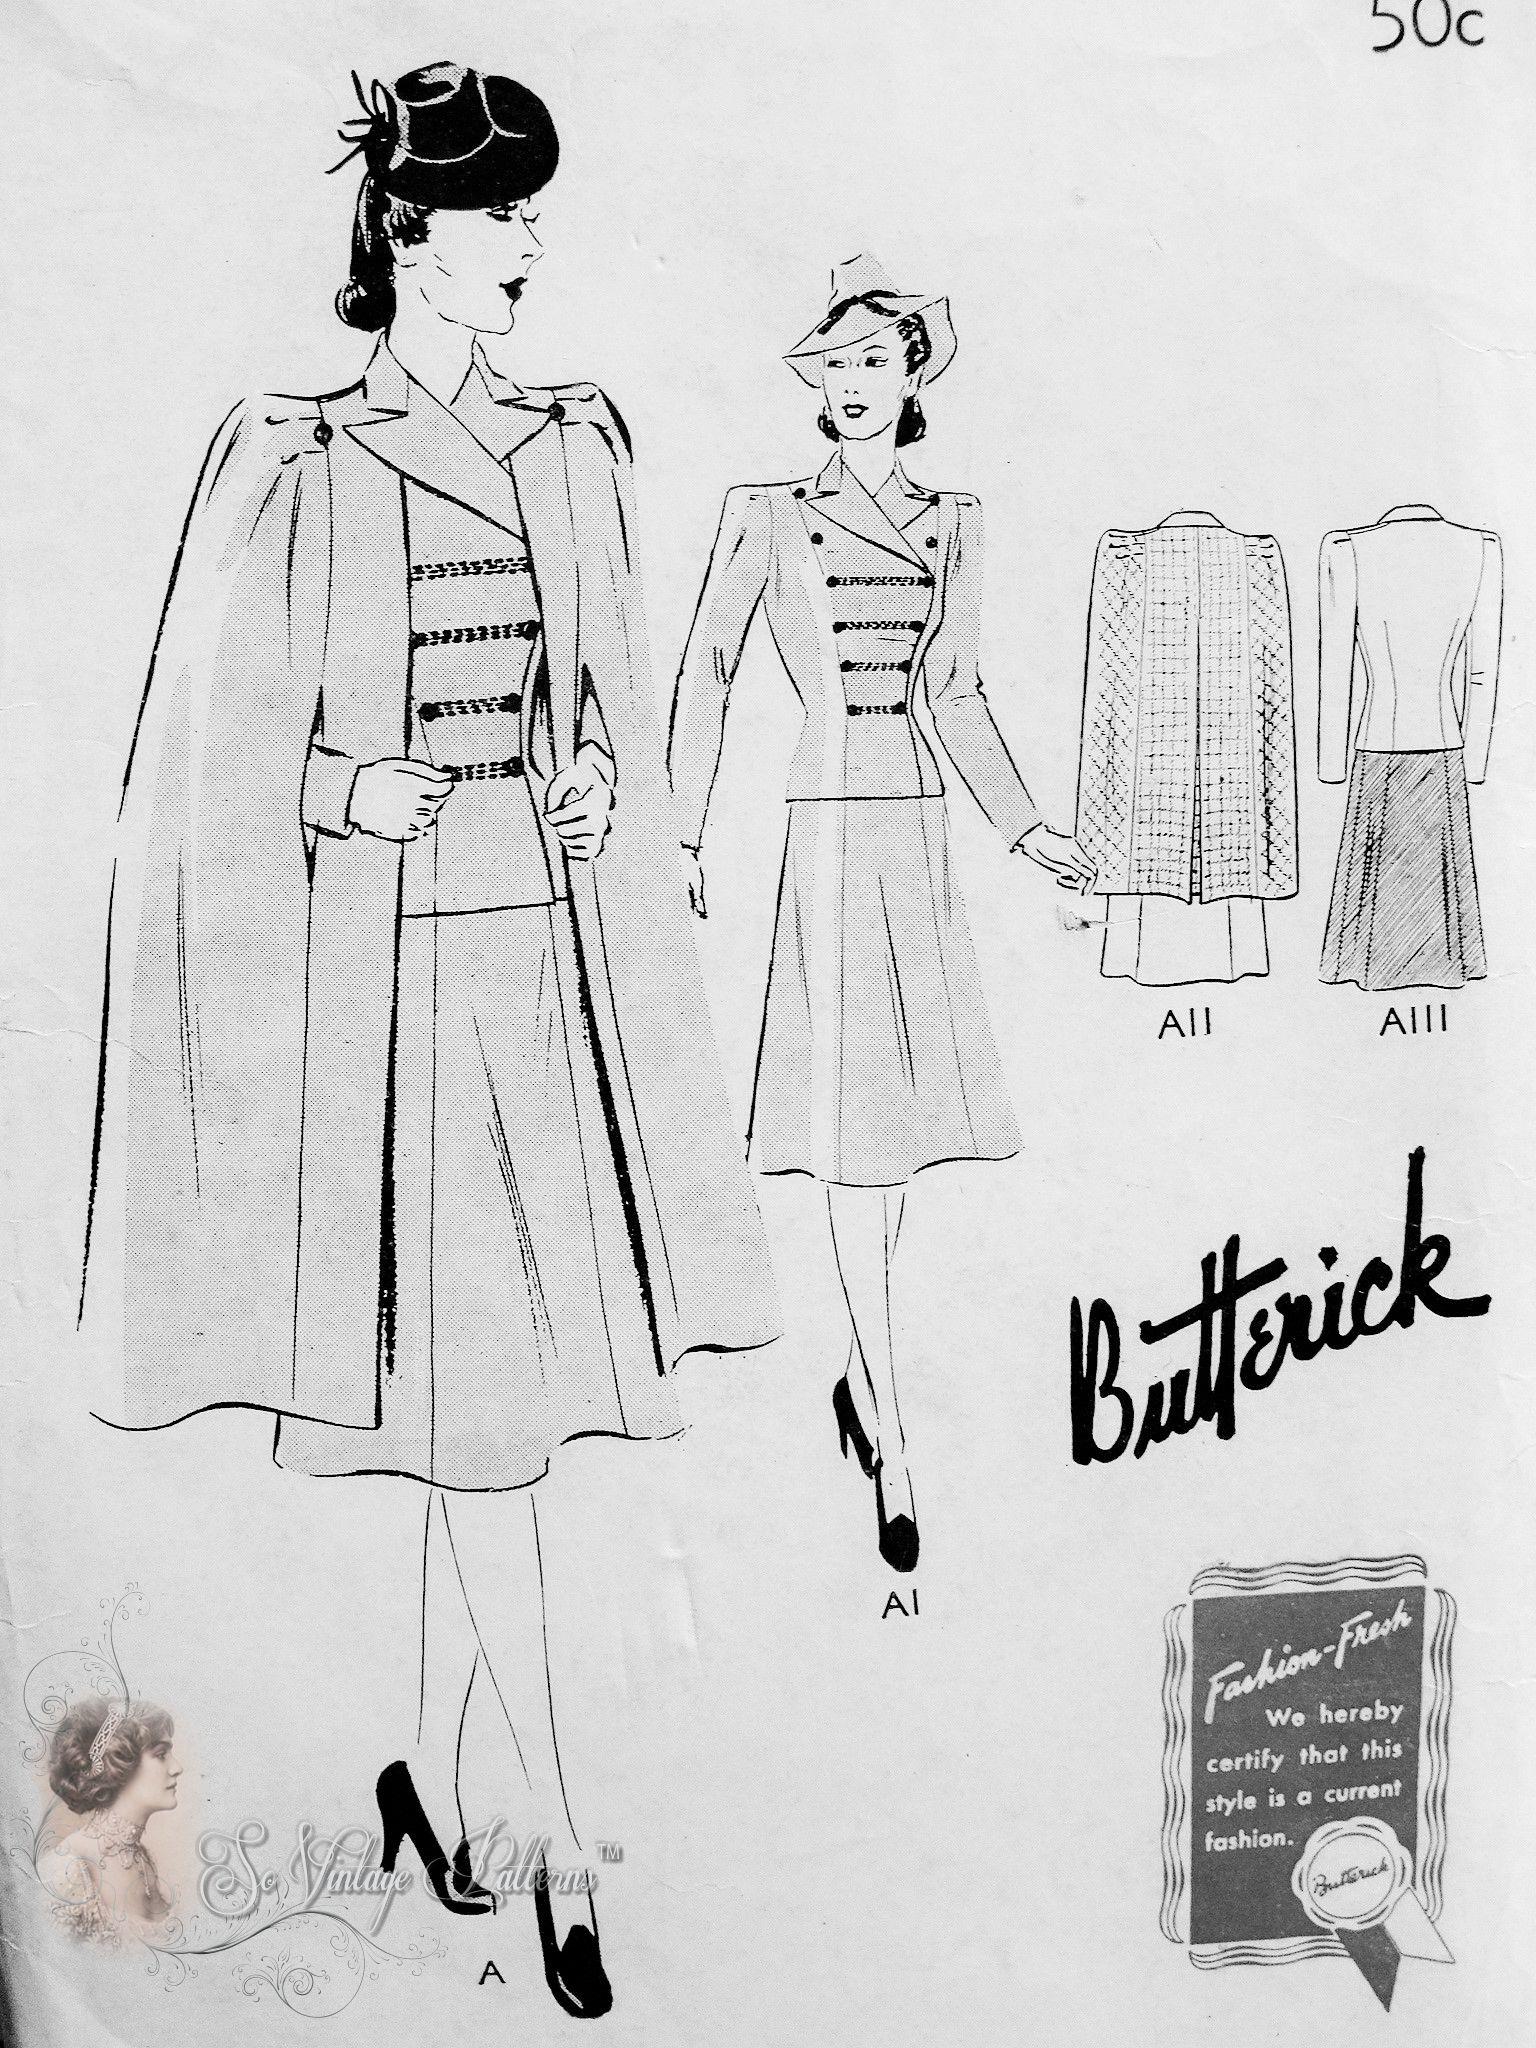 Butterick 8861